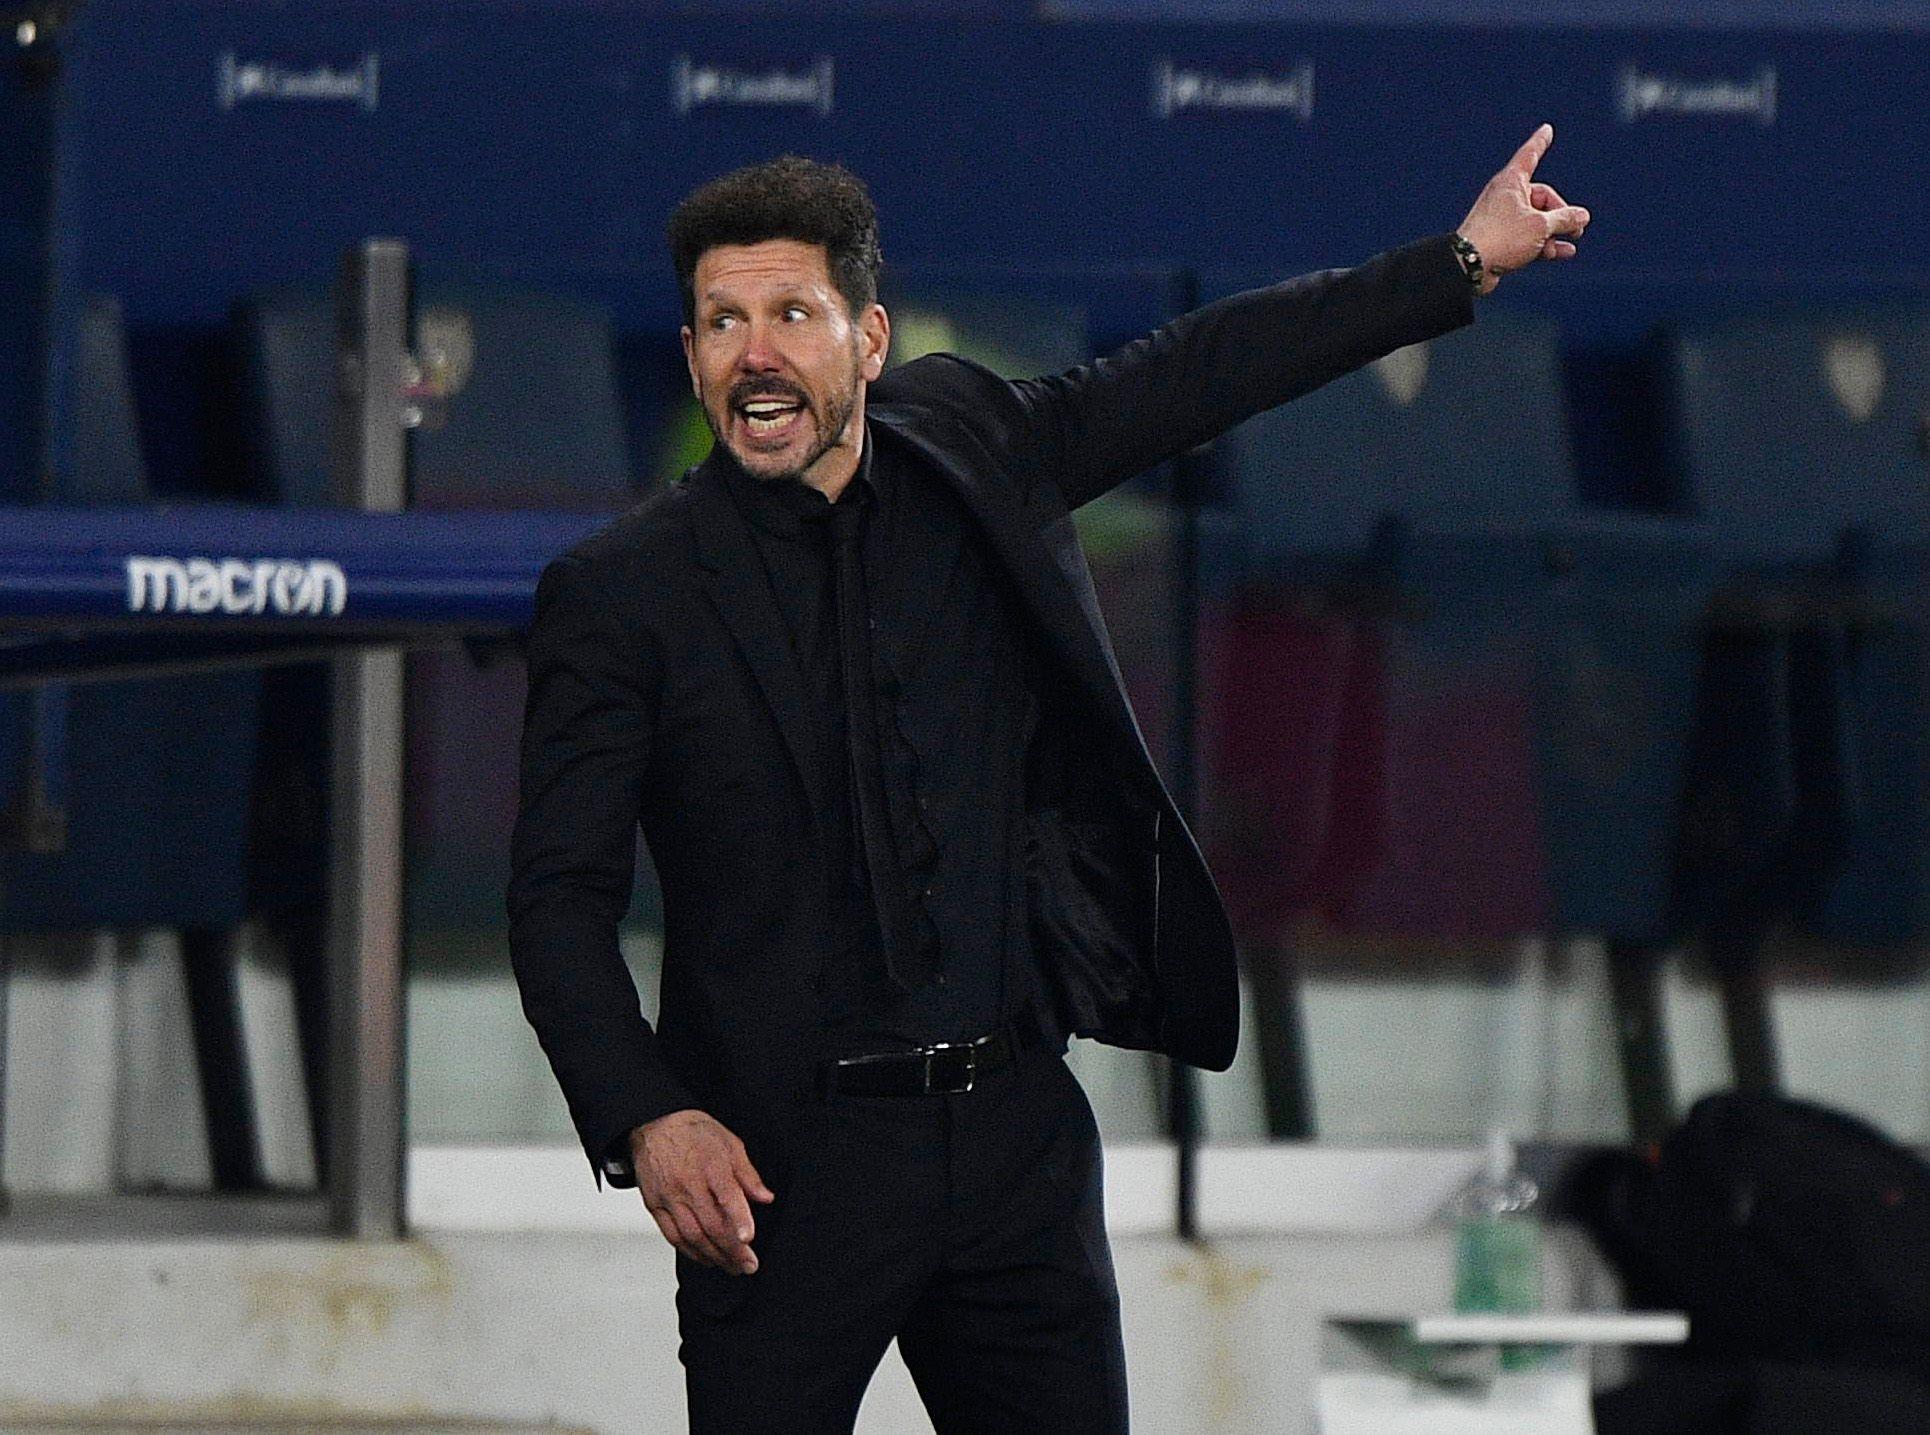 Un ex jugador del Atlético Madrid habló de cómo trabaja Diego Simeone en el equipo (REUTERS/Pablo Morano)